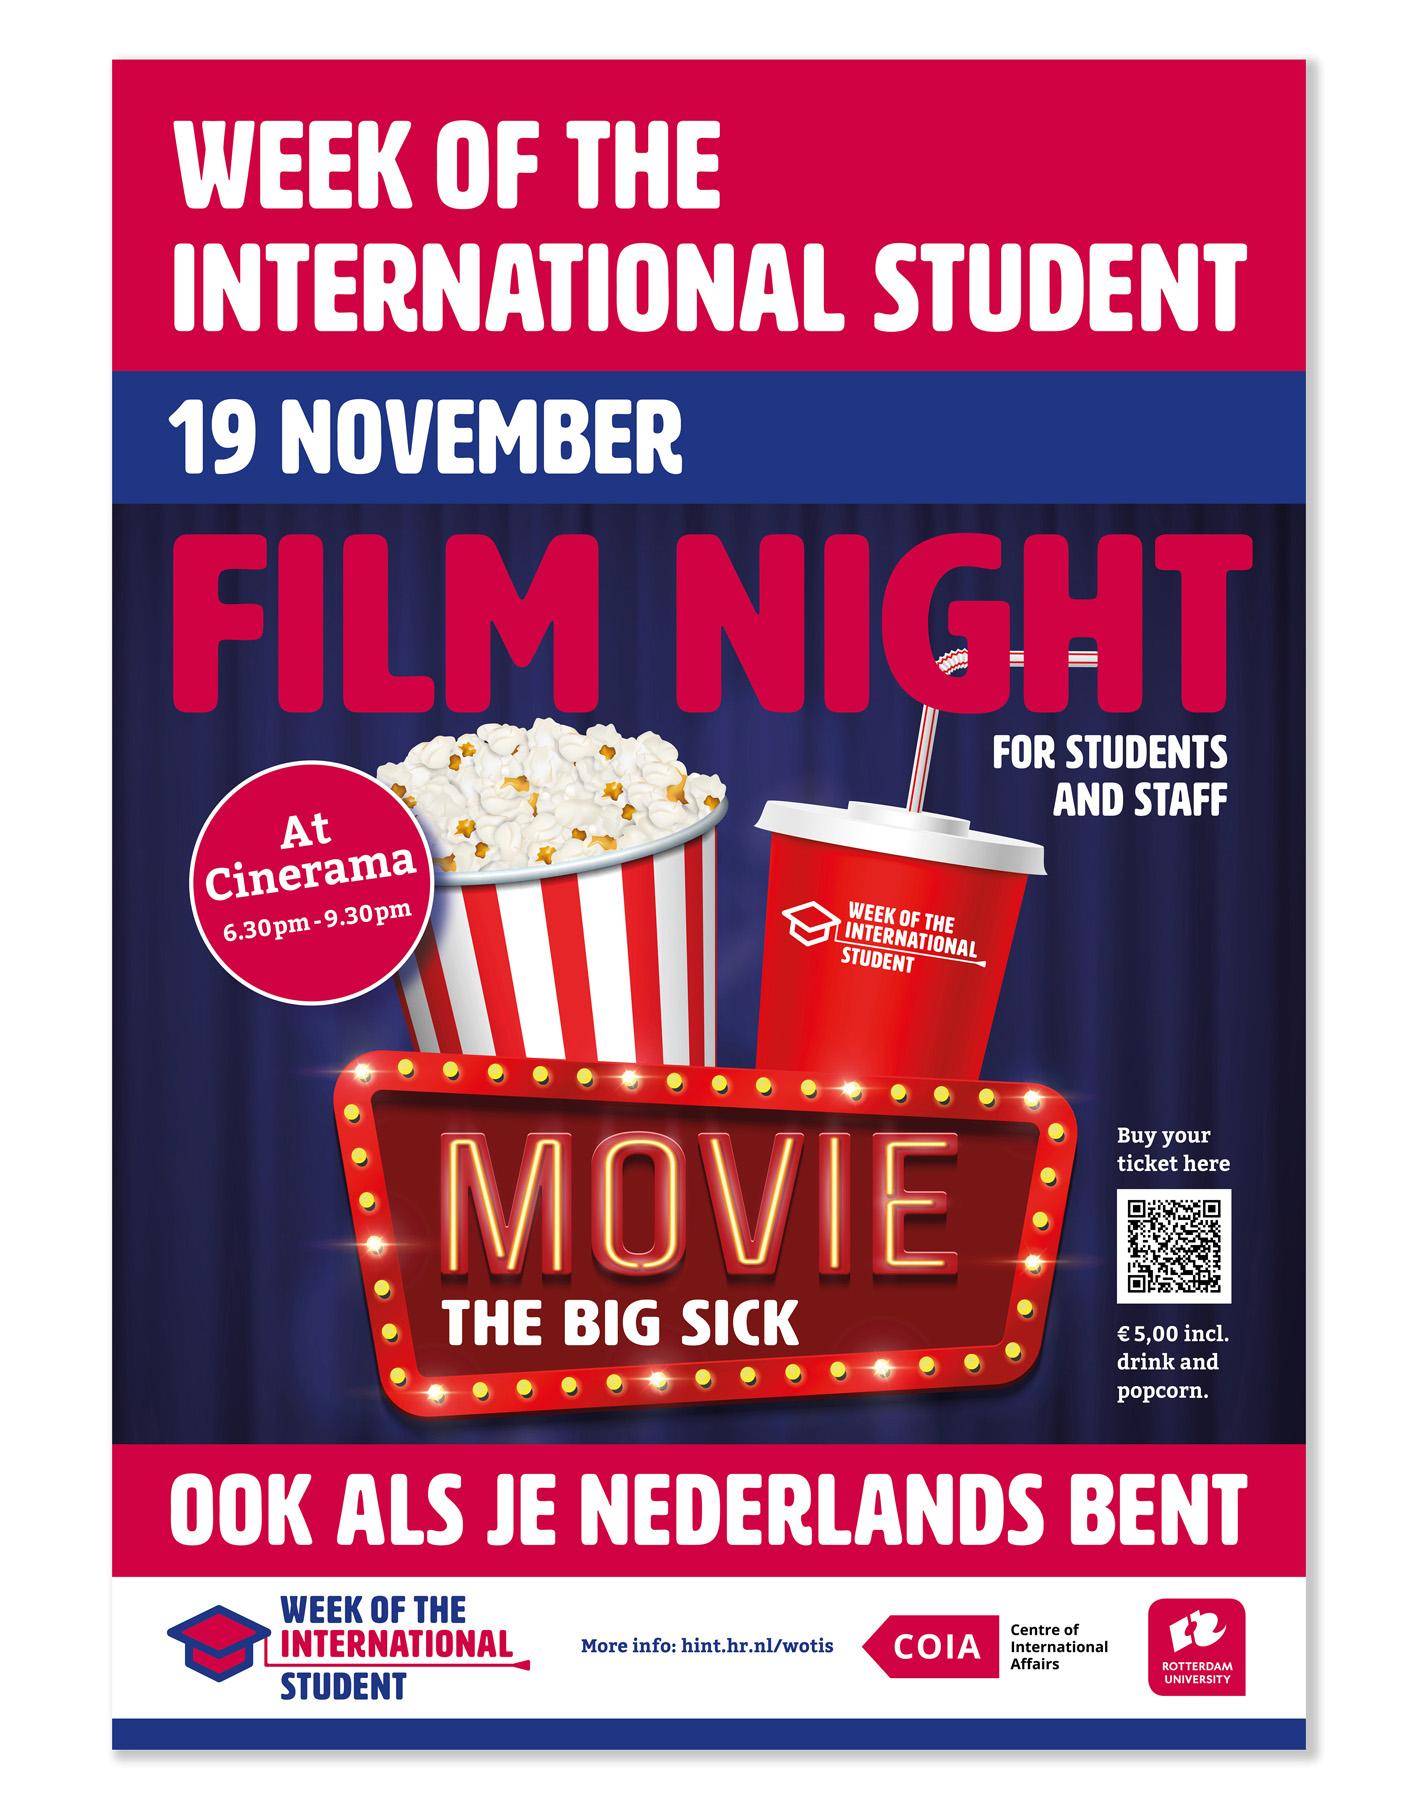 HR_Poster_A1_Filmnight_WOTIS